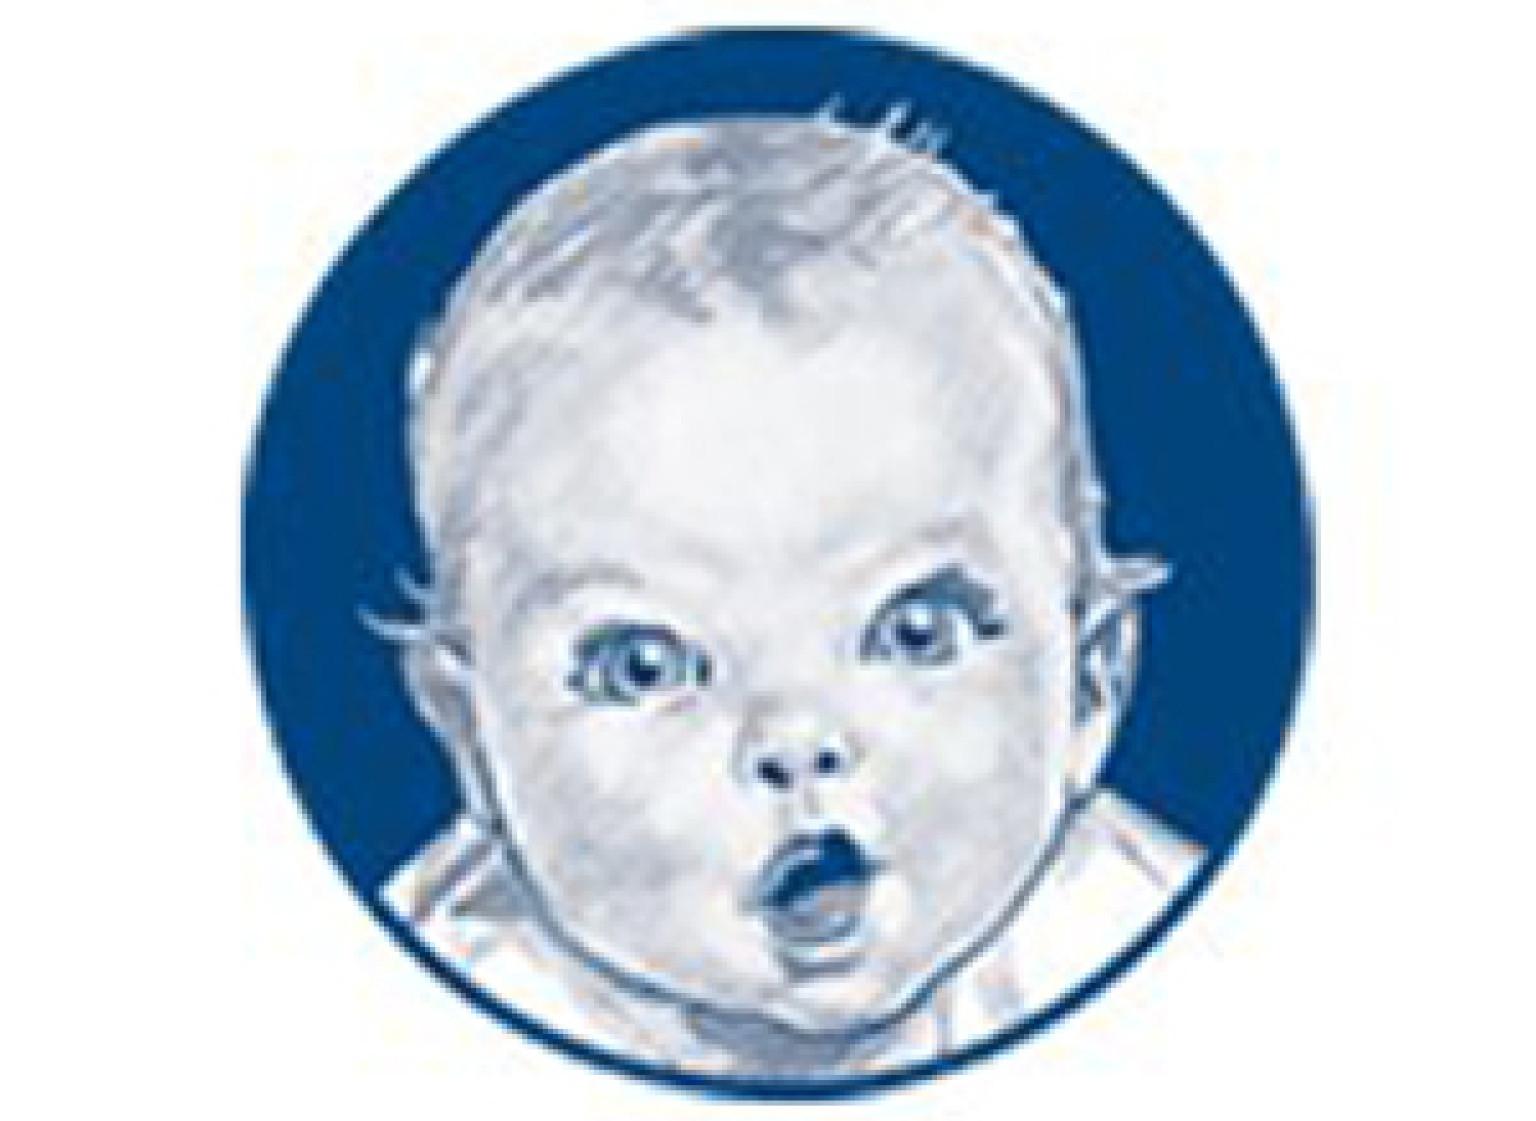 Gerber Baby Food Face